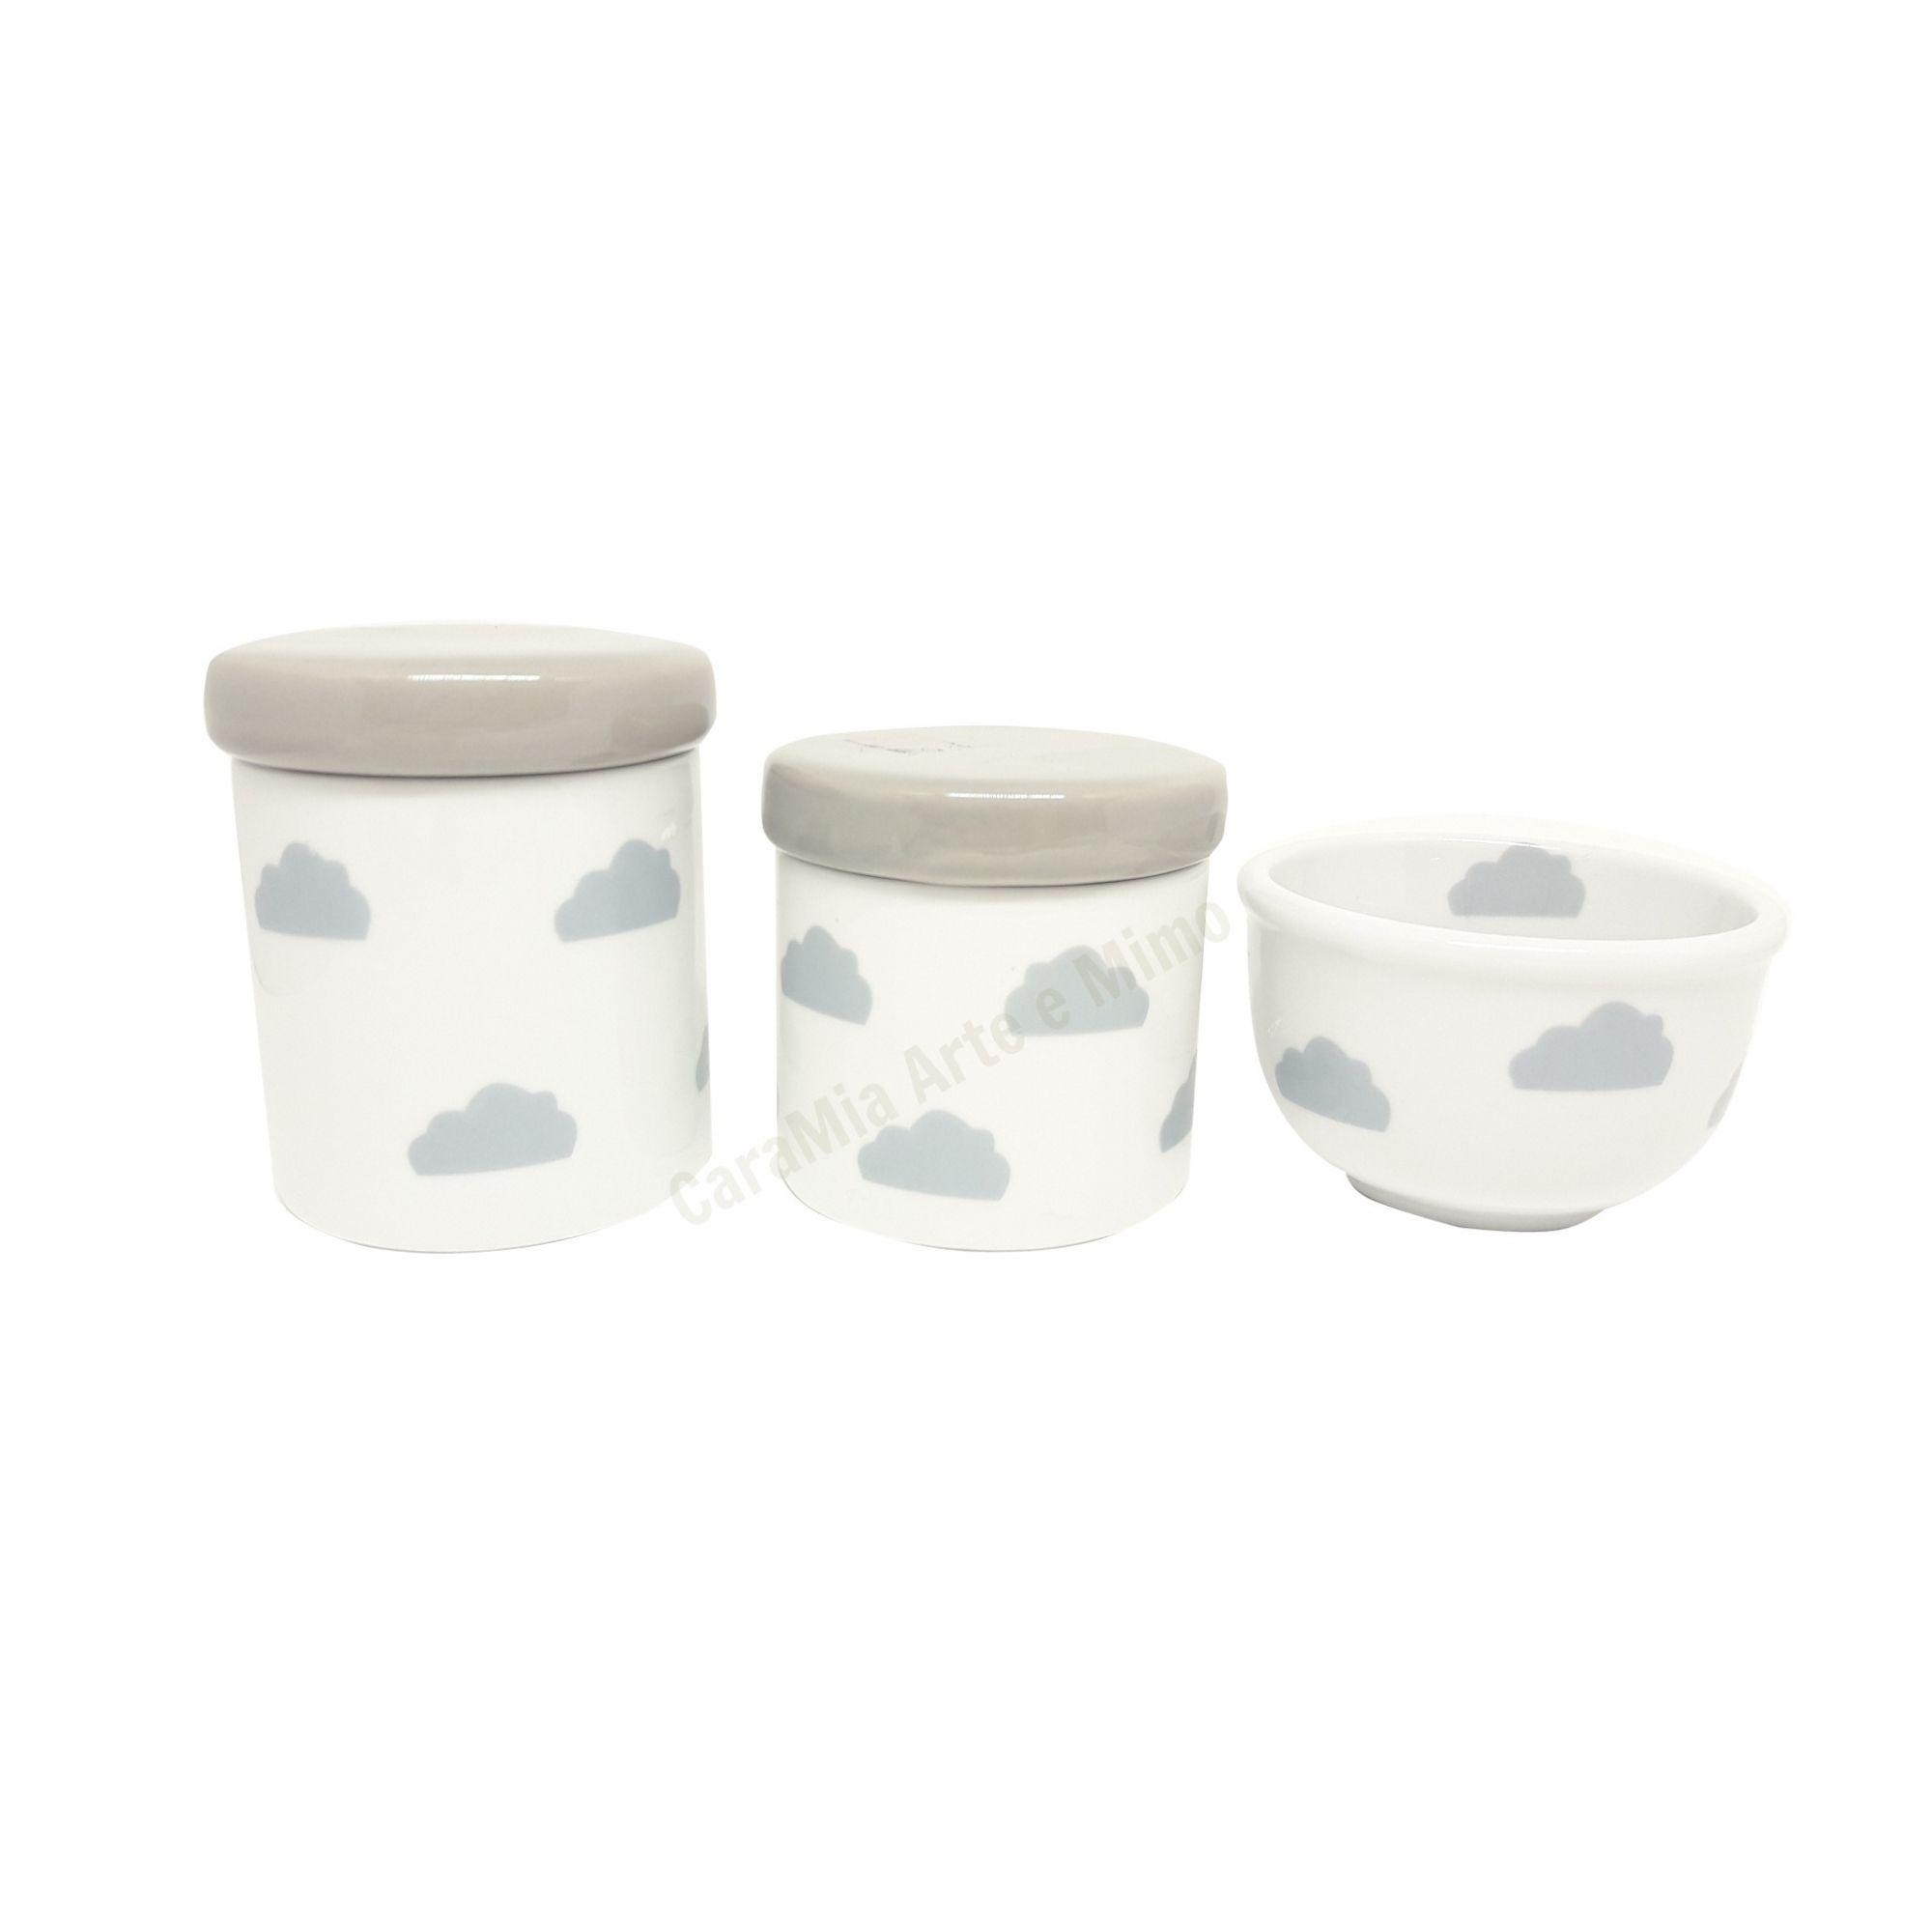 Kit Higiene Bebê Porcelana | Nuvem Cinza | 3 peças| Tampas Cinzas